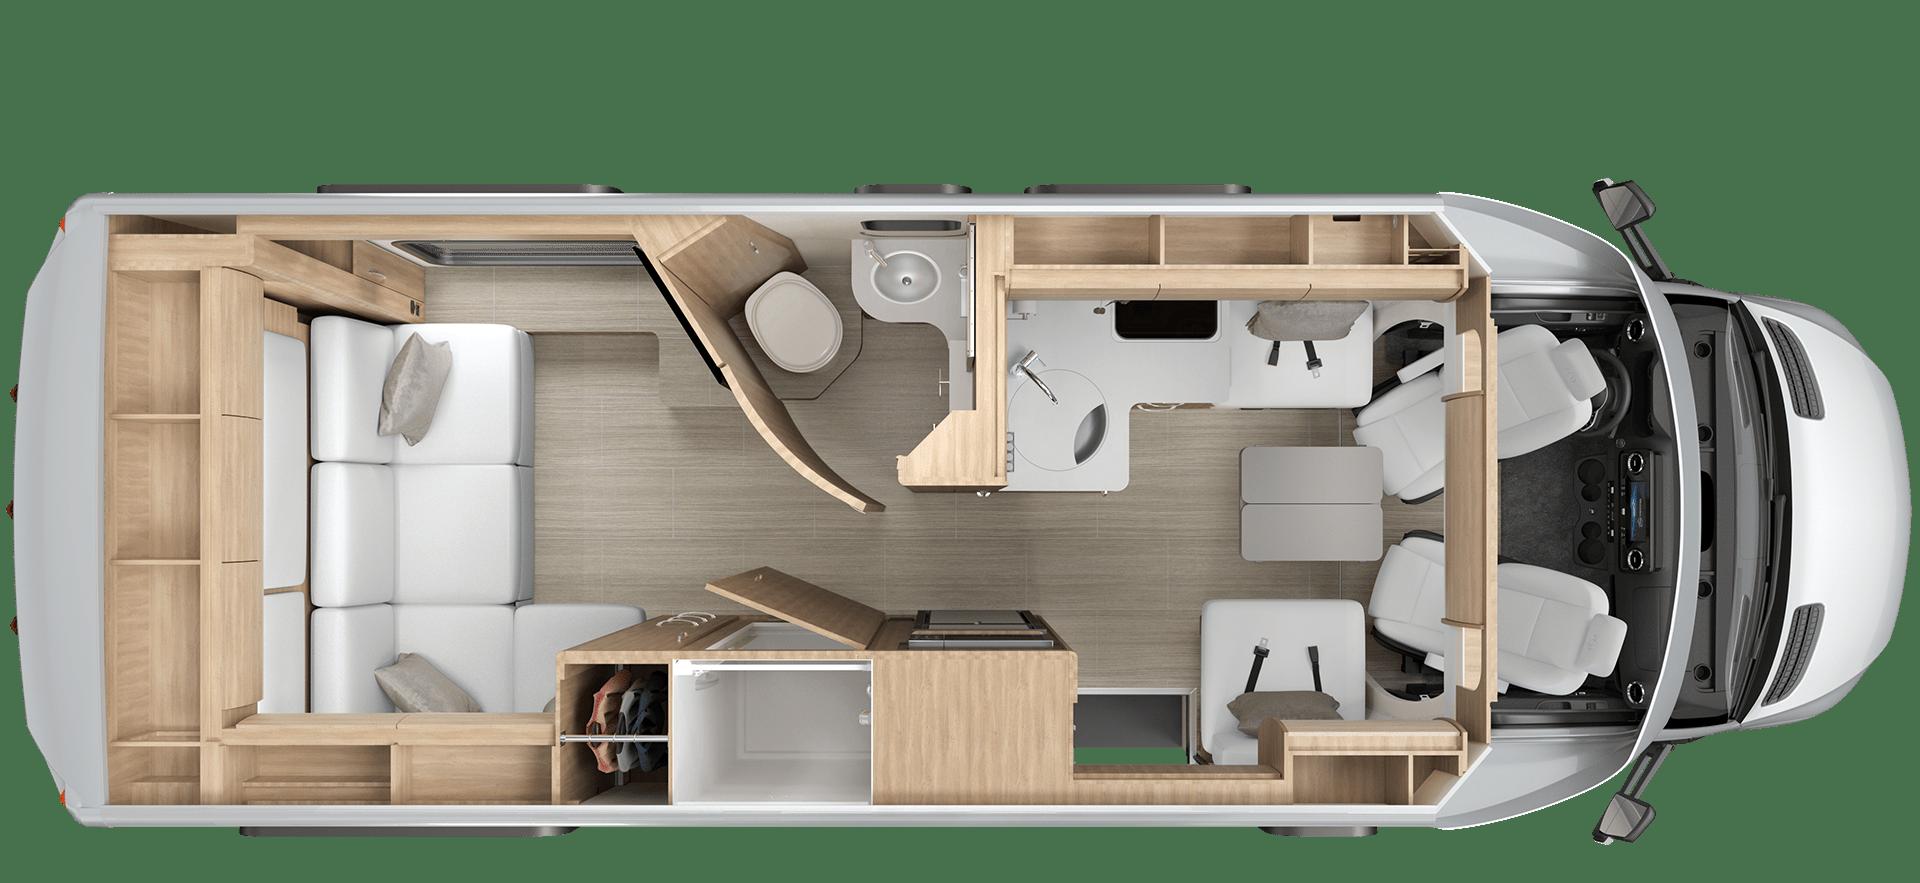 Unity RL Floorplan